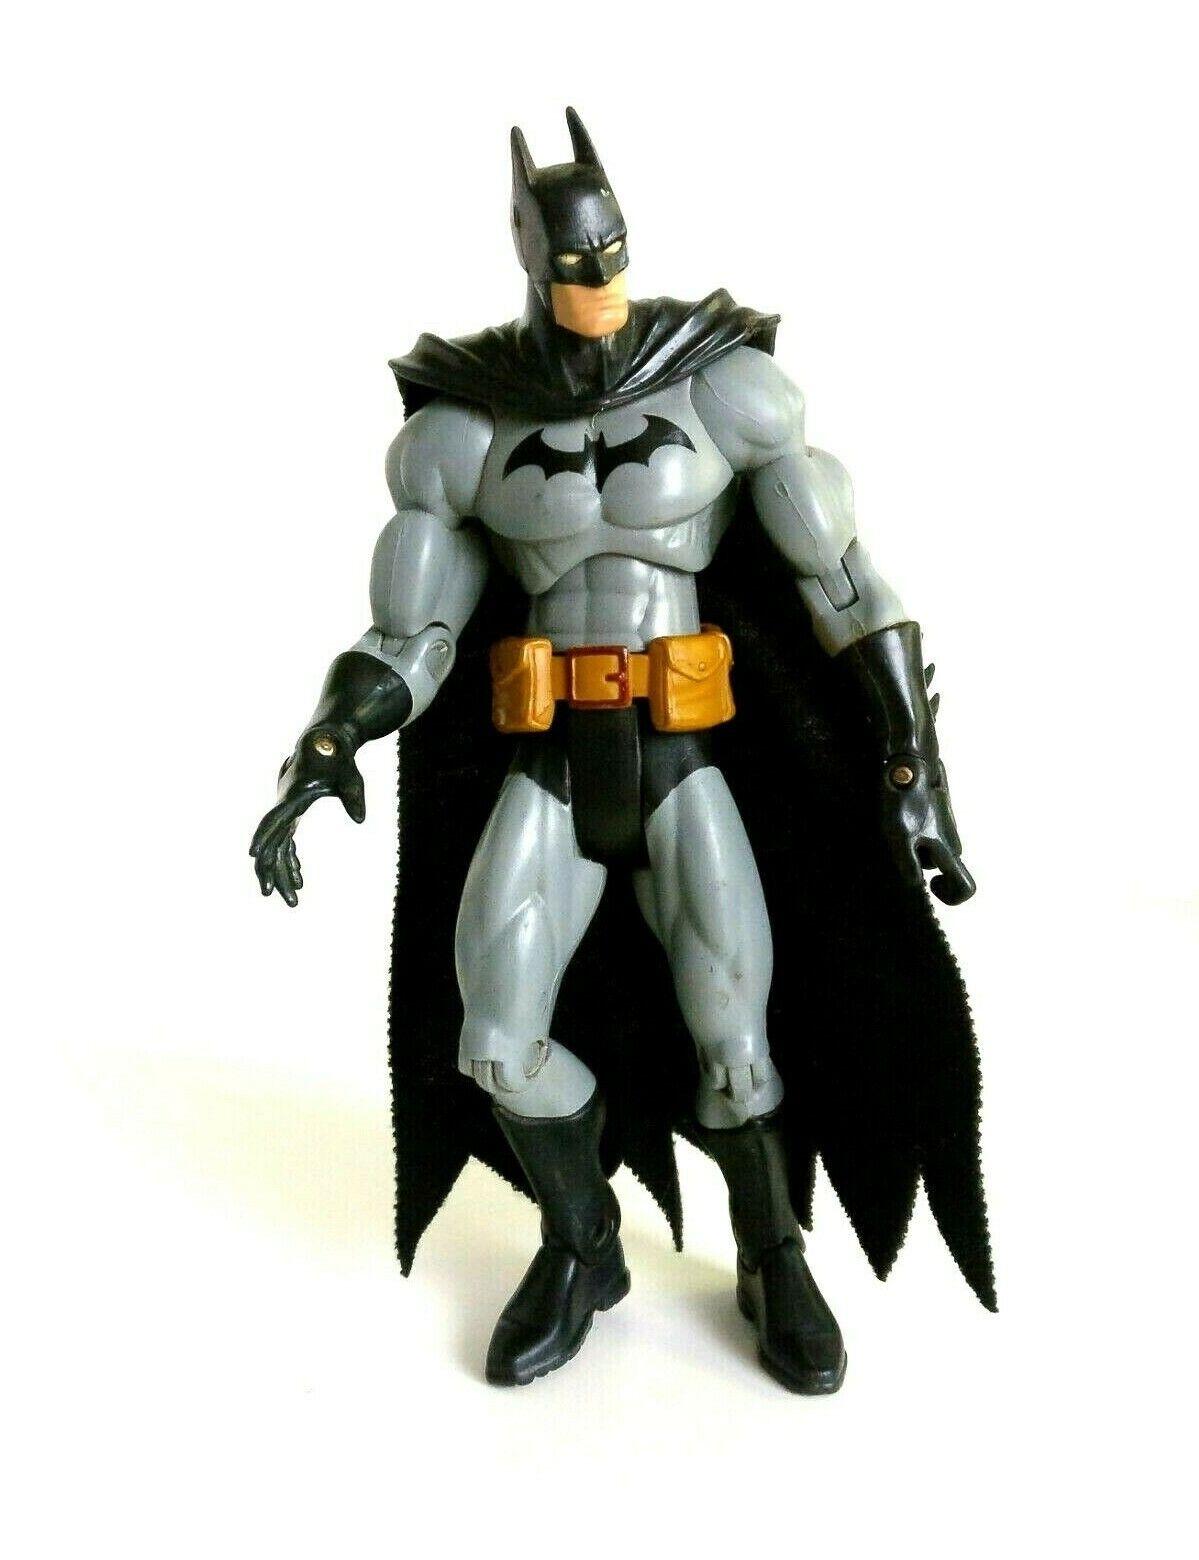 DC Comics - Mattel - Batman Series Action Figure - Bat Signal Batman - Rare